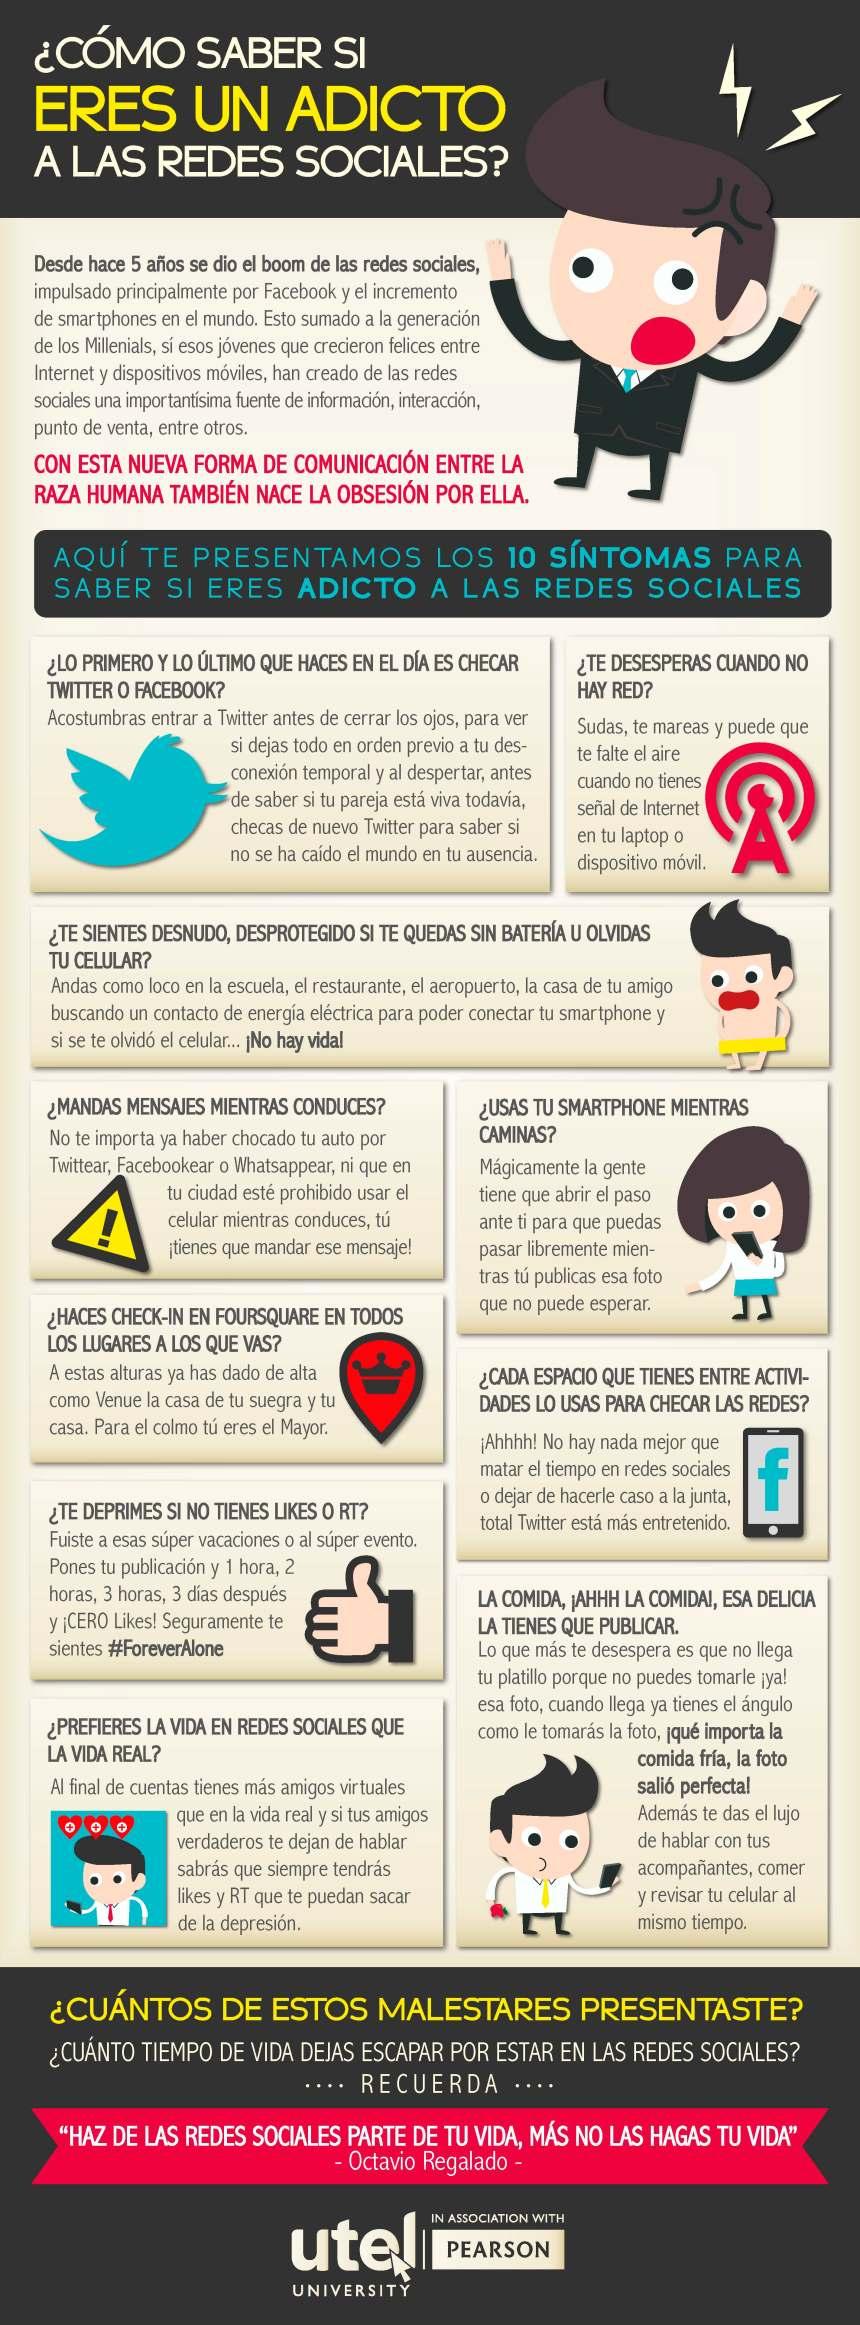 ¿Eres adicto a las Redes Sociales?